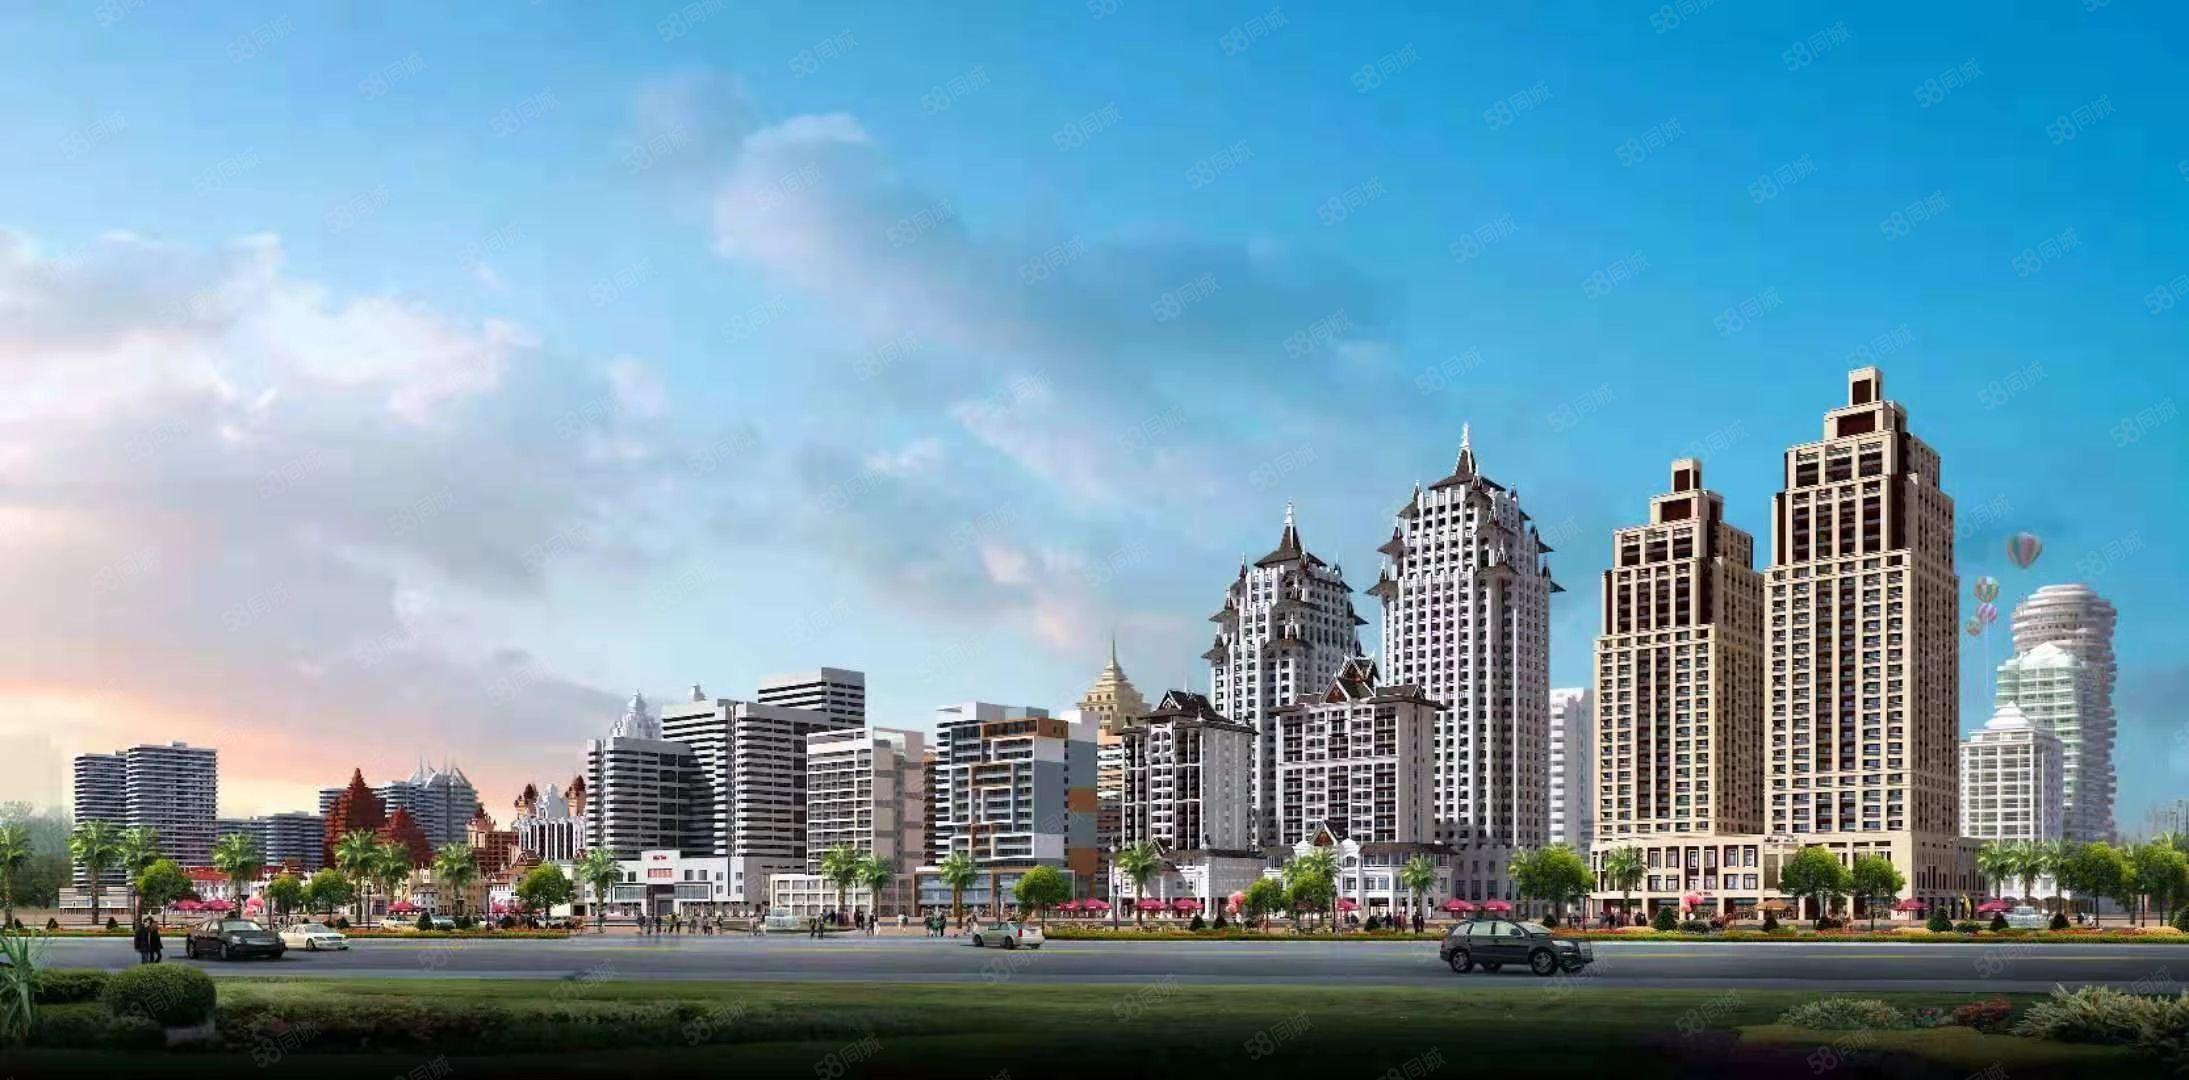 高铁新城、老挝磨丁、30万两套、精装公寓、无忧托管、拎包入住